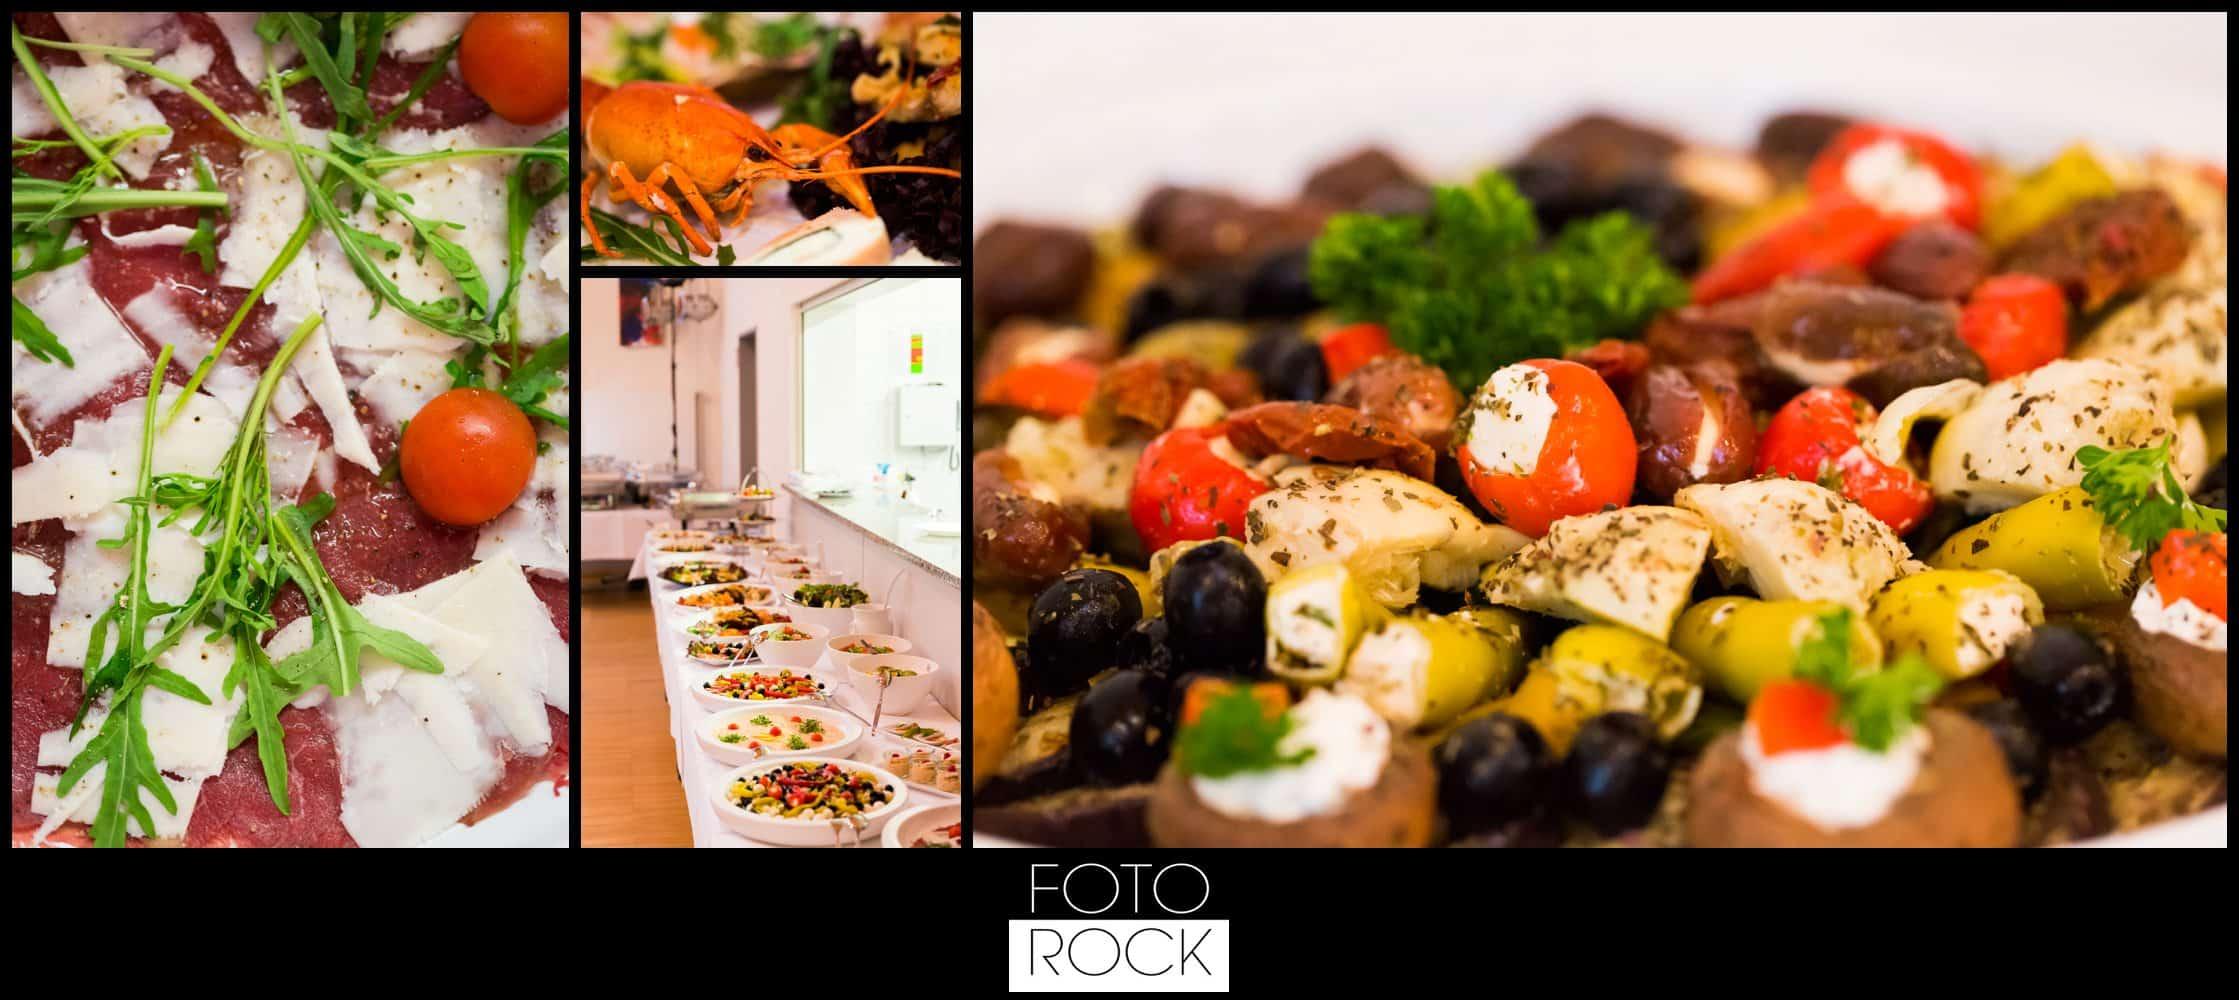 Hochzeit Vitra Design Museum Weil am Rhein Salat Buffet Essen